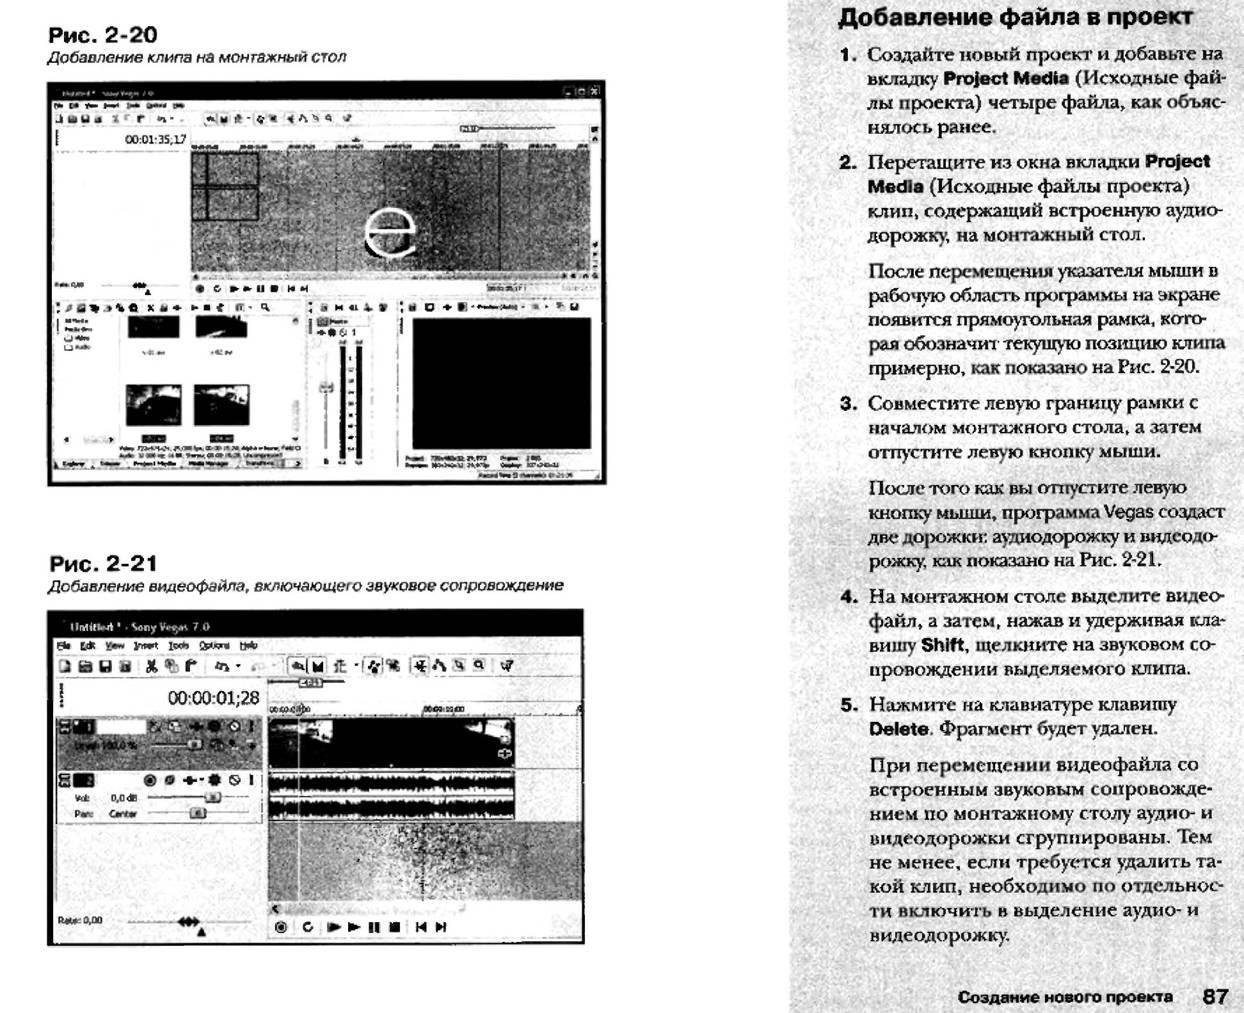 http://redaktori-uroki.3dn.ru/_ph/12/226461219.jpg